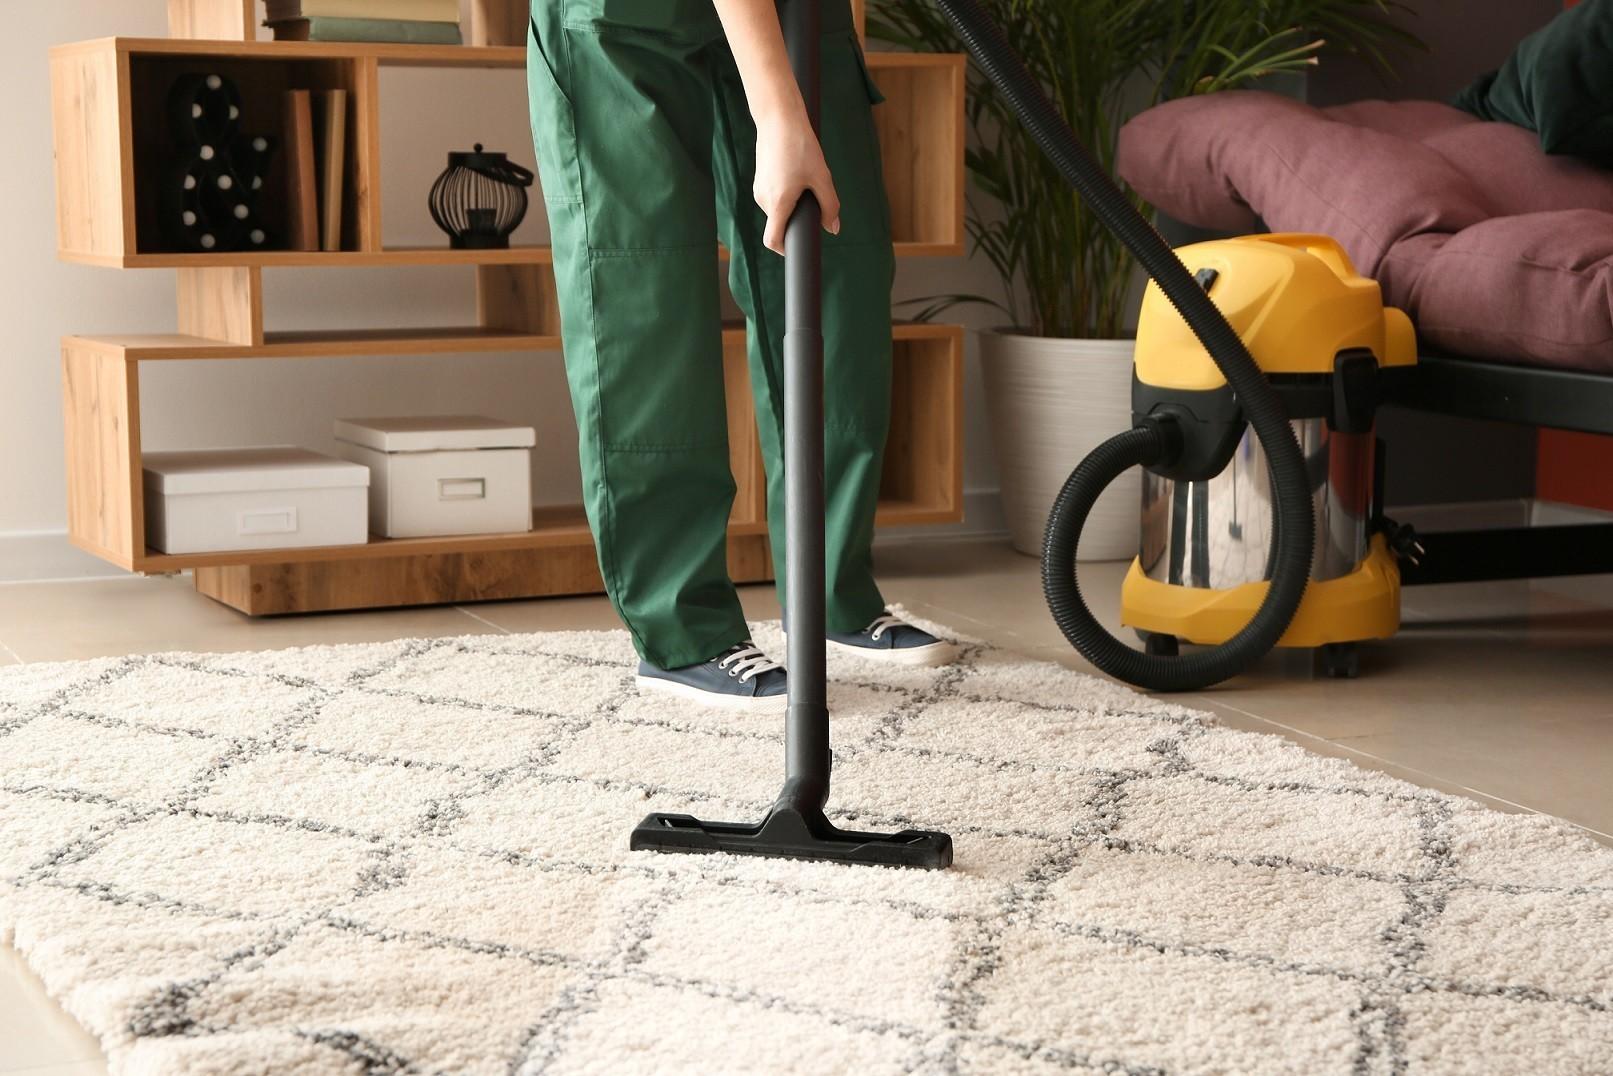 Jak správně vysávat koberec?